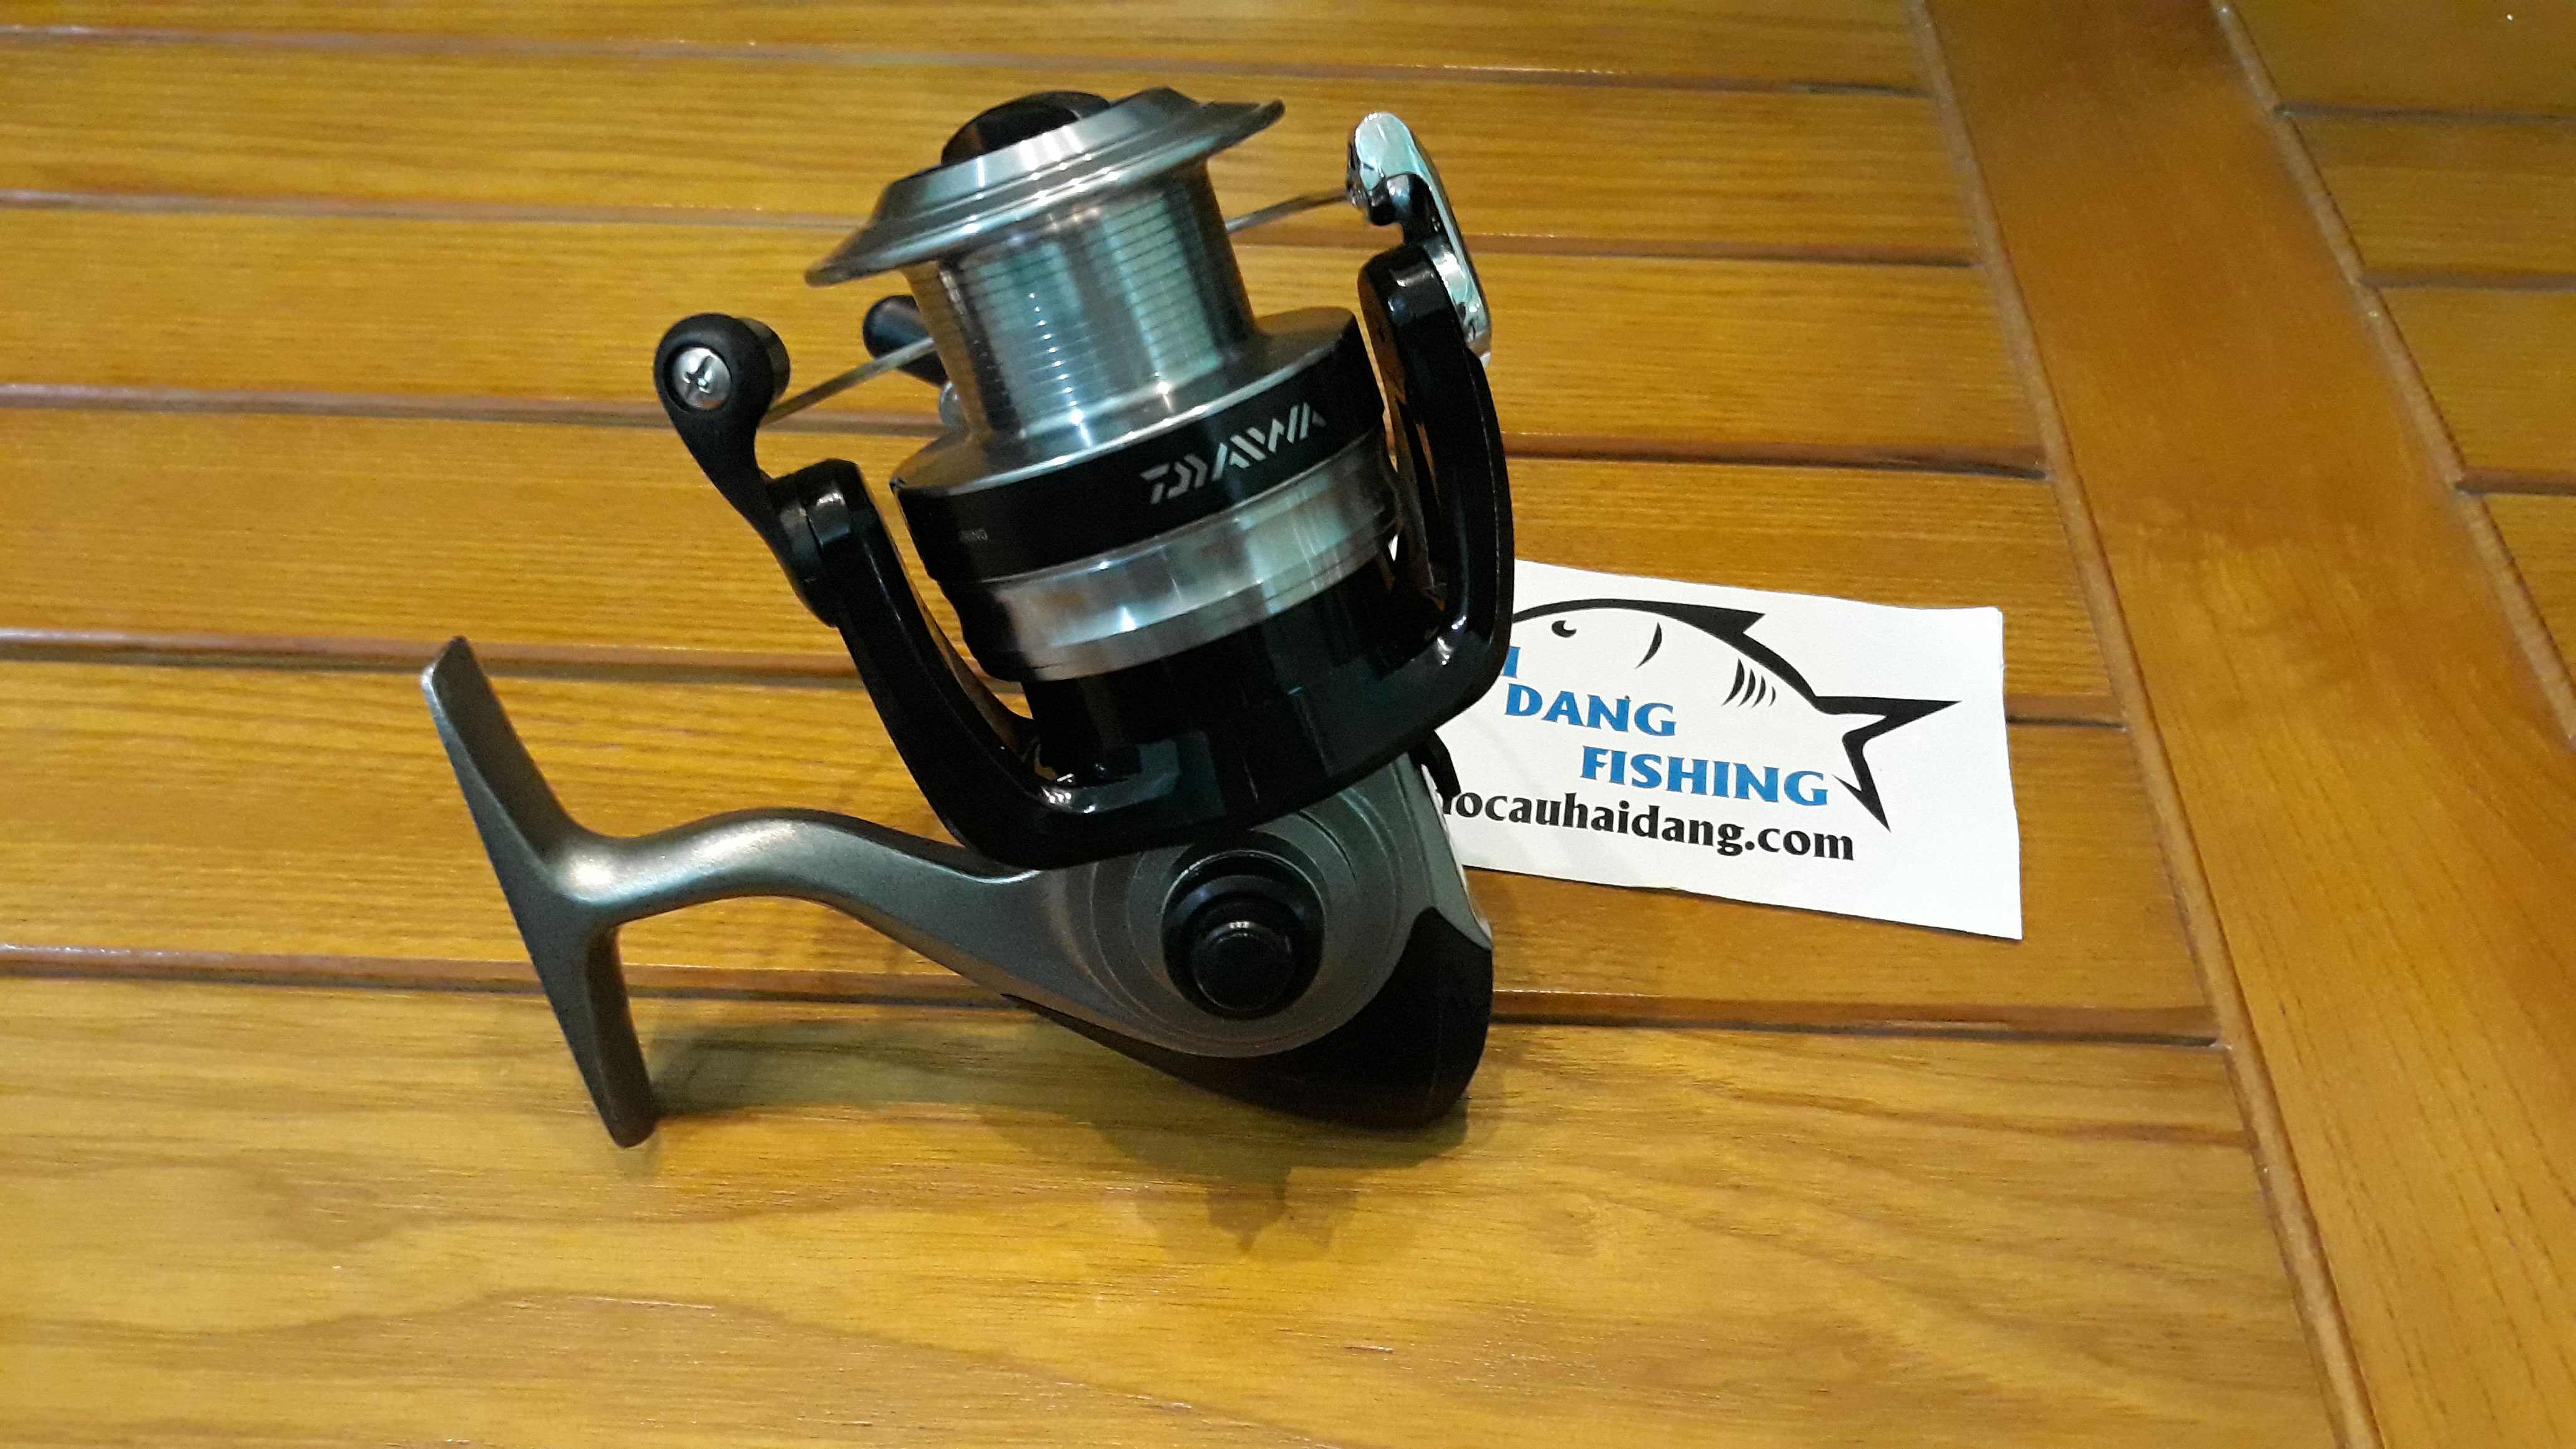 Máy câu cá Daiwa chính hãng tại thị trường Việt Nam